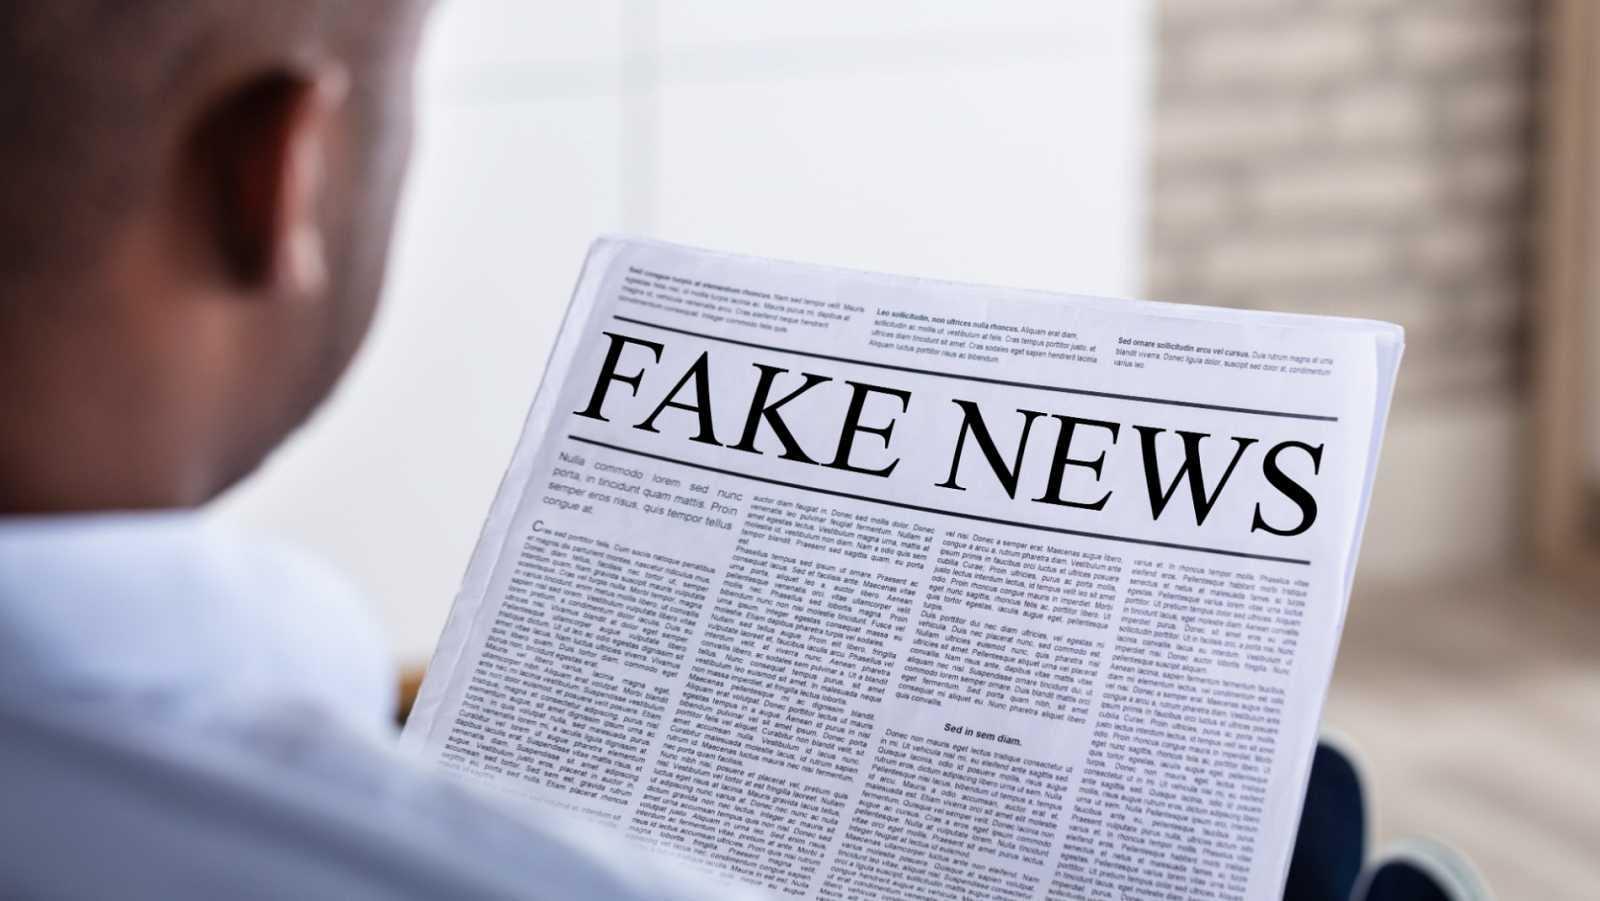 Després del Col·lapse - Fake news